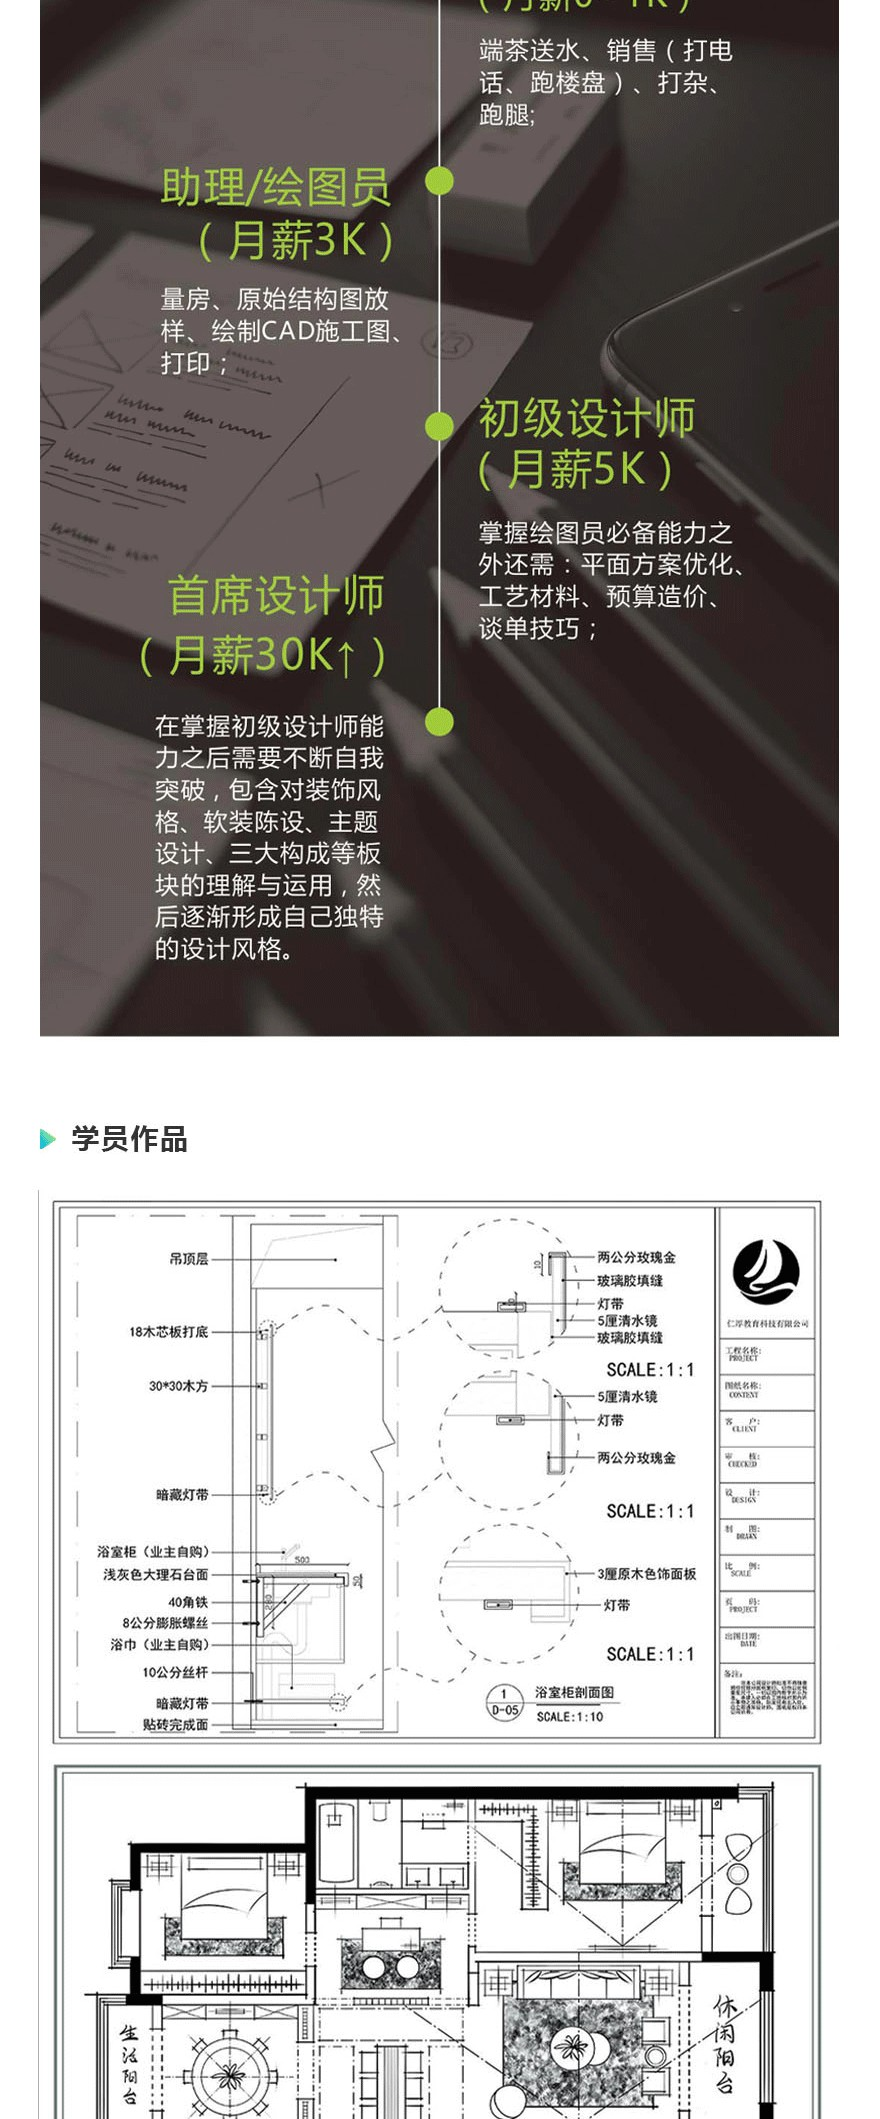 网易云详情页_03.jpg